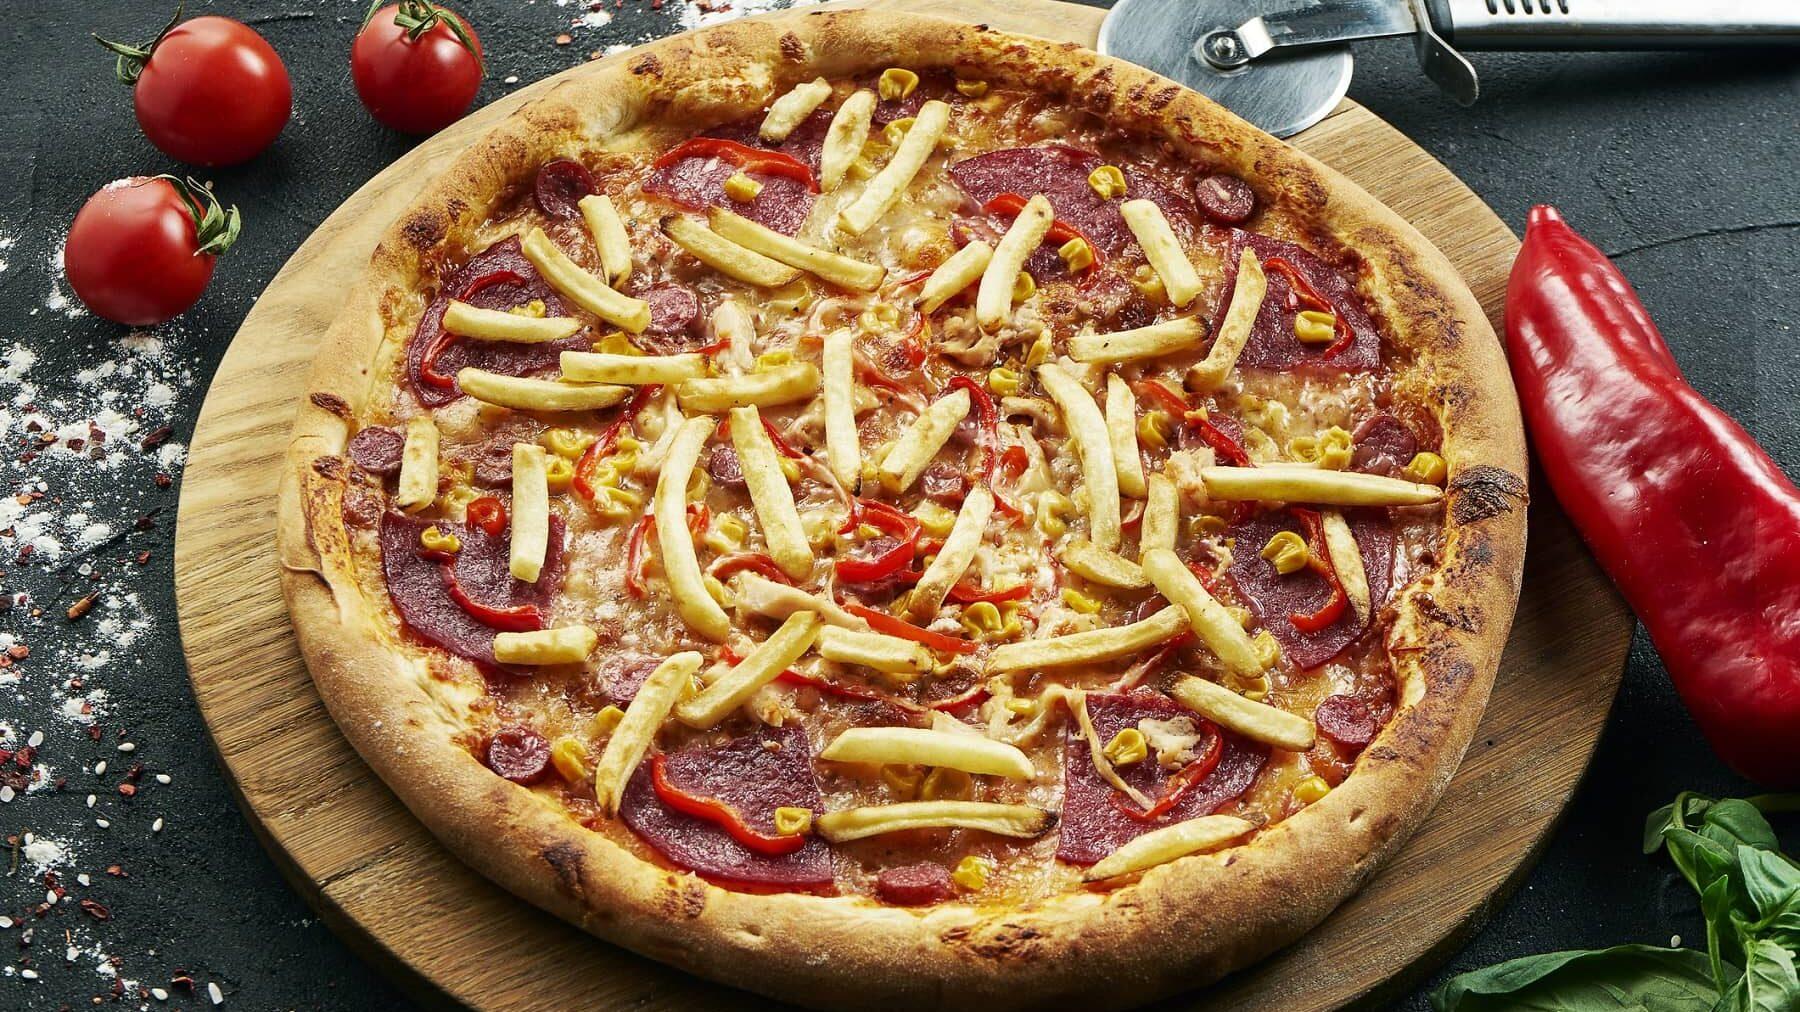 Eine Pommes-Pizza mit Salami-Paprika und Mais auf einem runden Holzbrett auf einem Steintisch. Um die Pizza herum liegen Paprika, Tomaten, ein Pizzaroller und Basilikum.